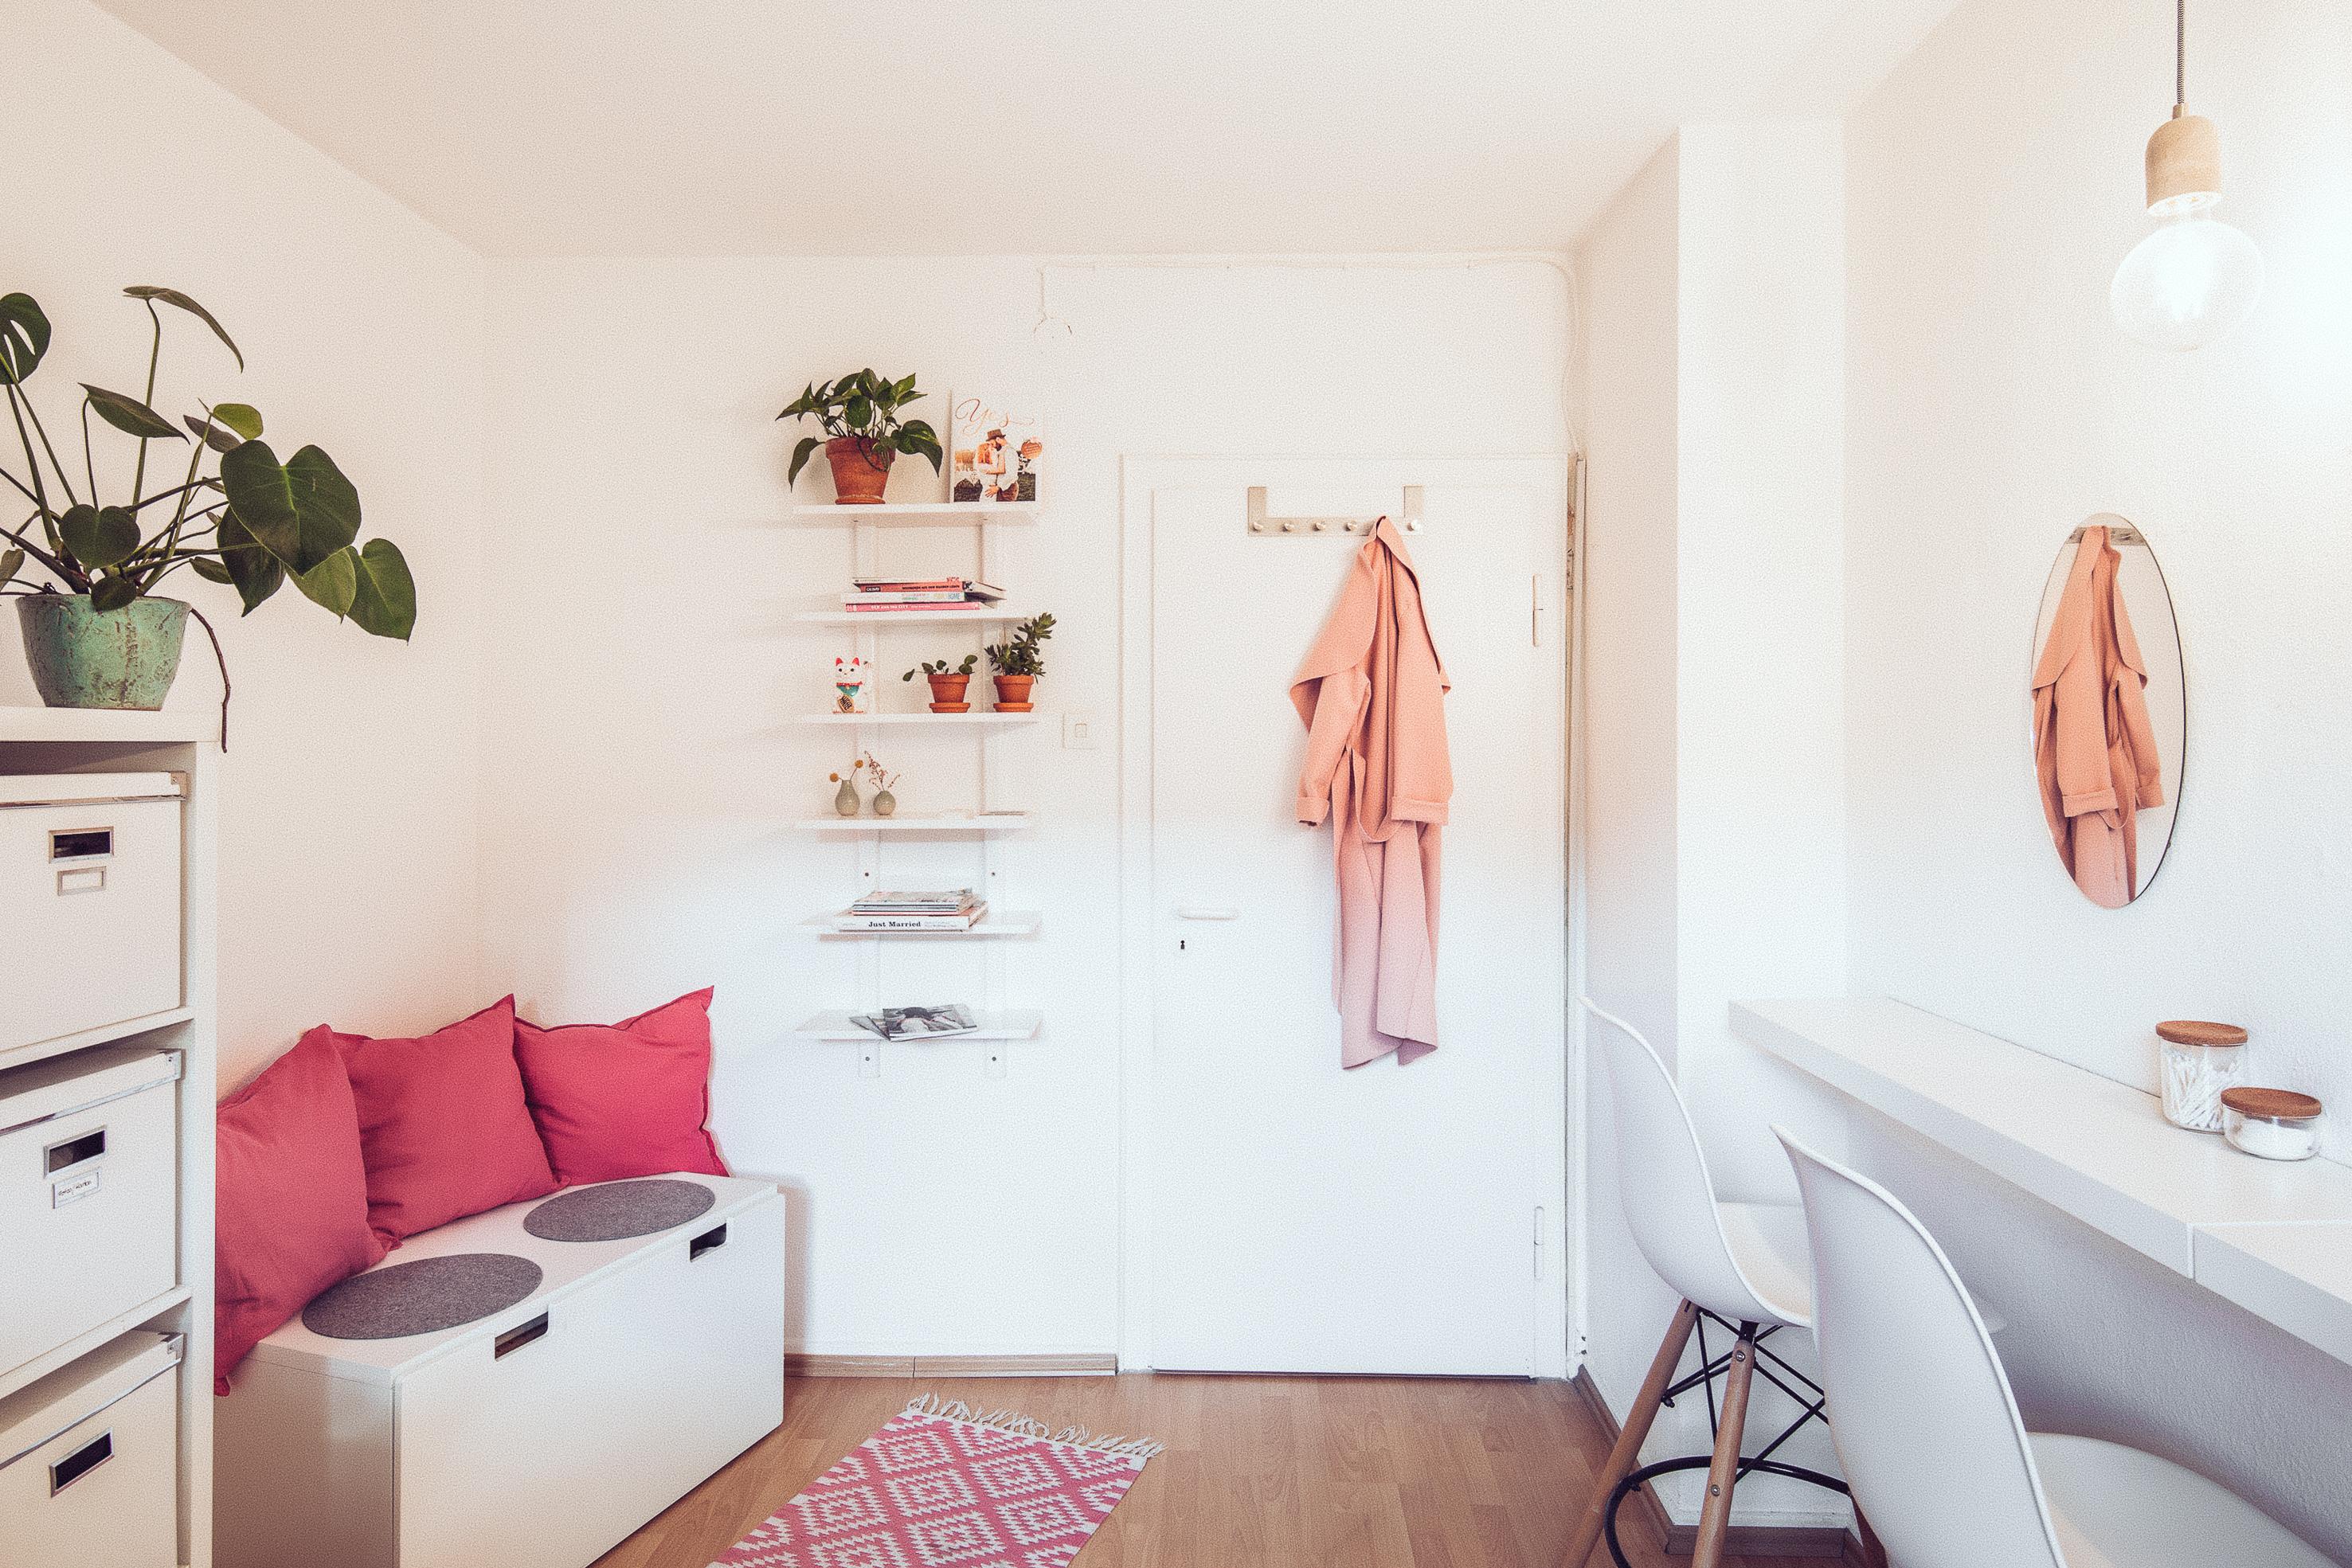 Beauty Workshopraum für Make-up Workshops mit einer Sitzbank und Barhockern alles in weiss gehalten und mit pinken Details wie Kissen